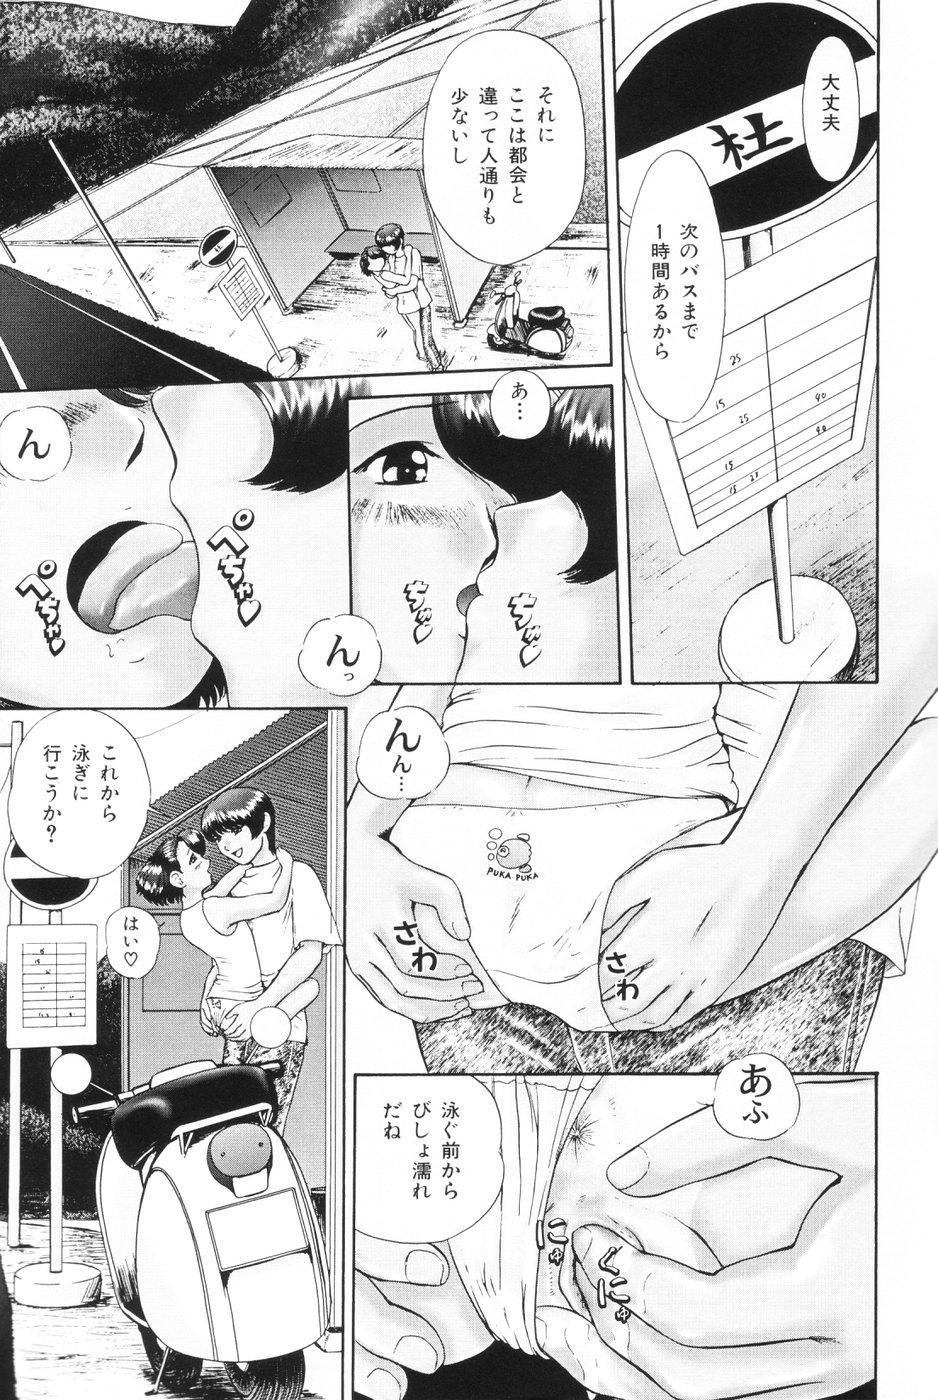 Koneko Genki!! - Powerful Pussycat!! 10